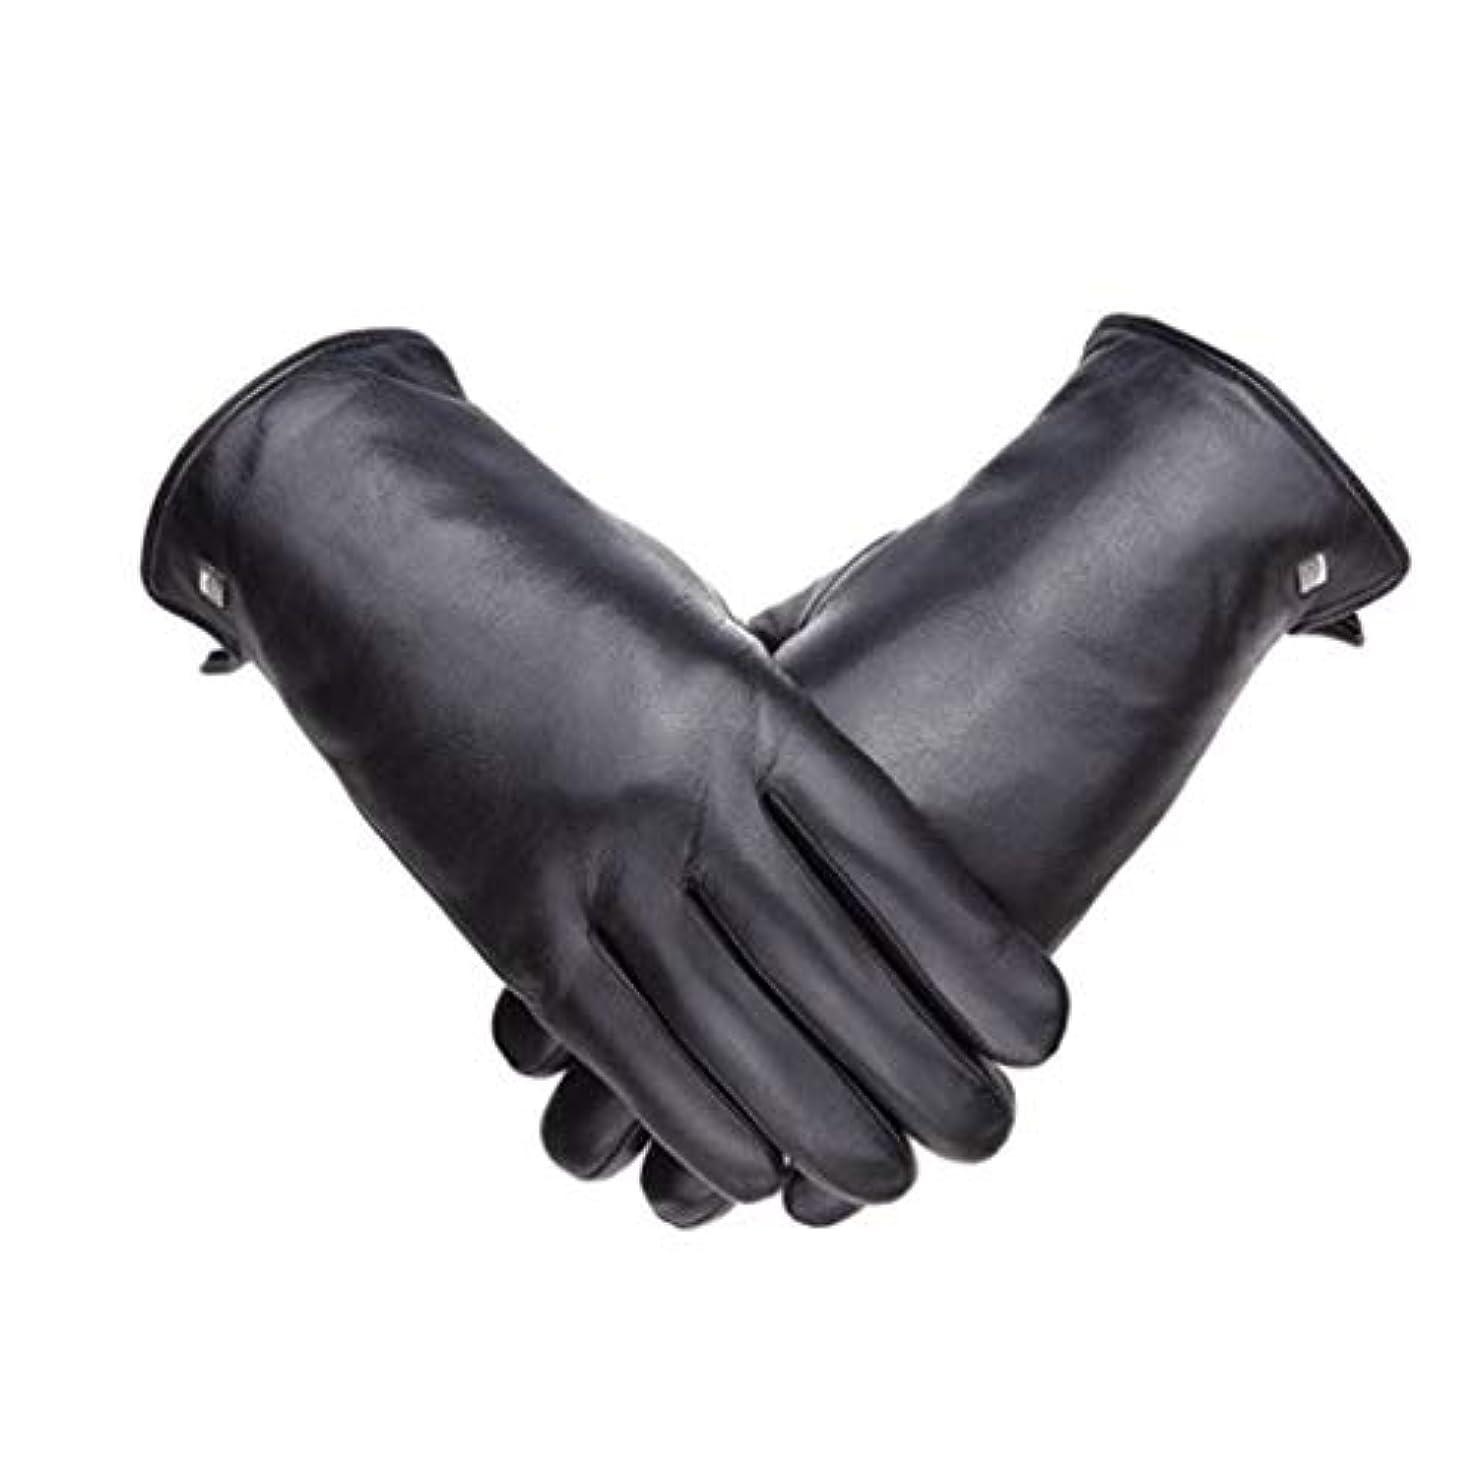 アクセス傷跡終了する革の肥厚プラスベルベット柔らかなヤギの男性の手袋防風寒い冬暖かい手袋を乗って19841101-01B黒XXL